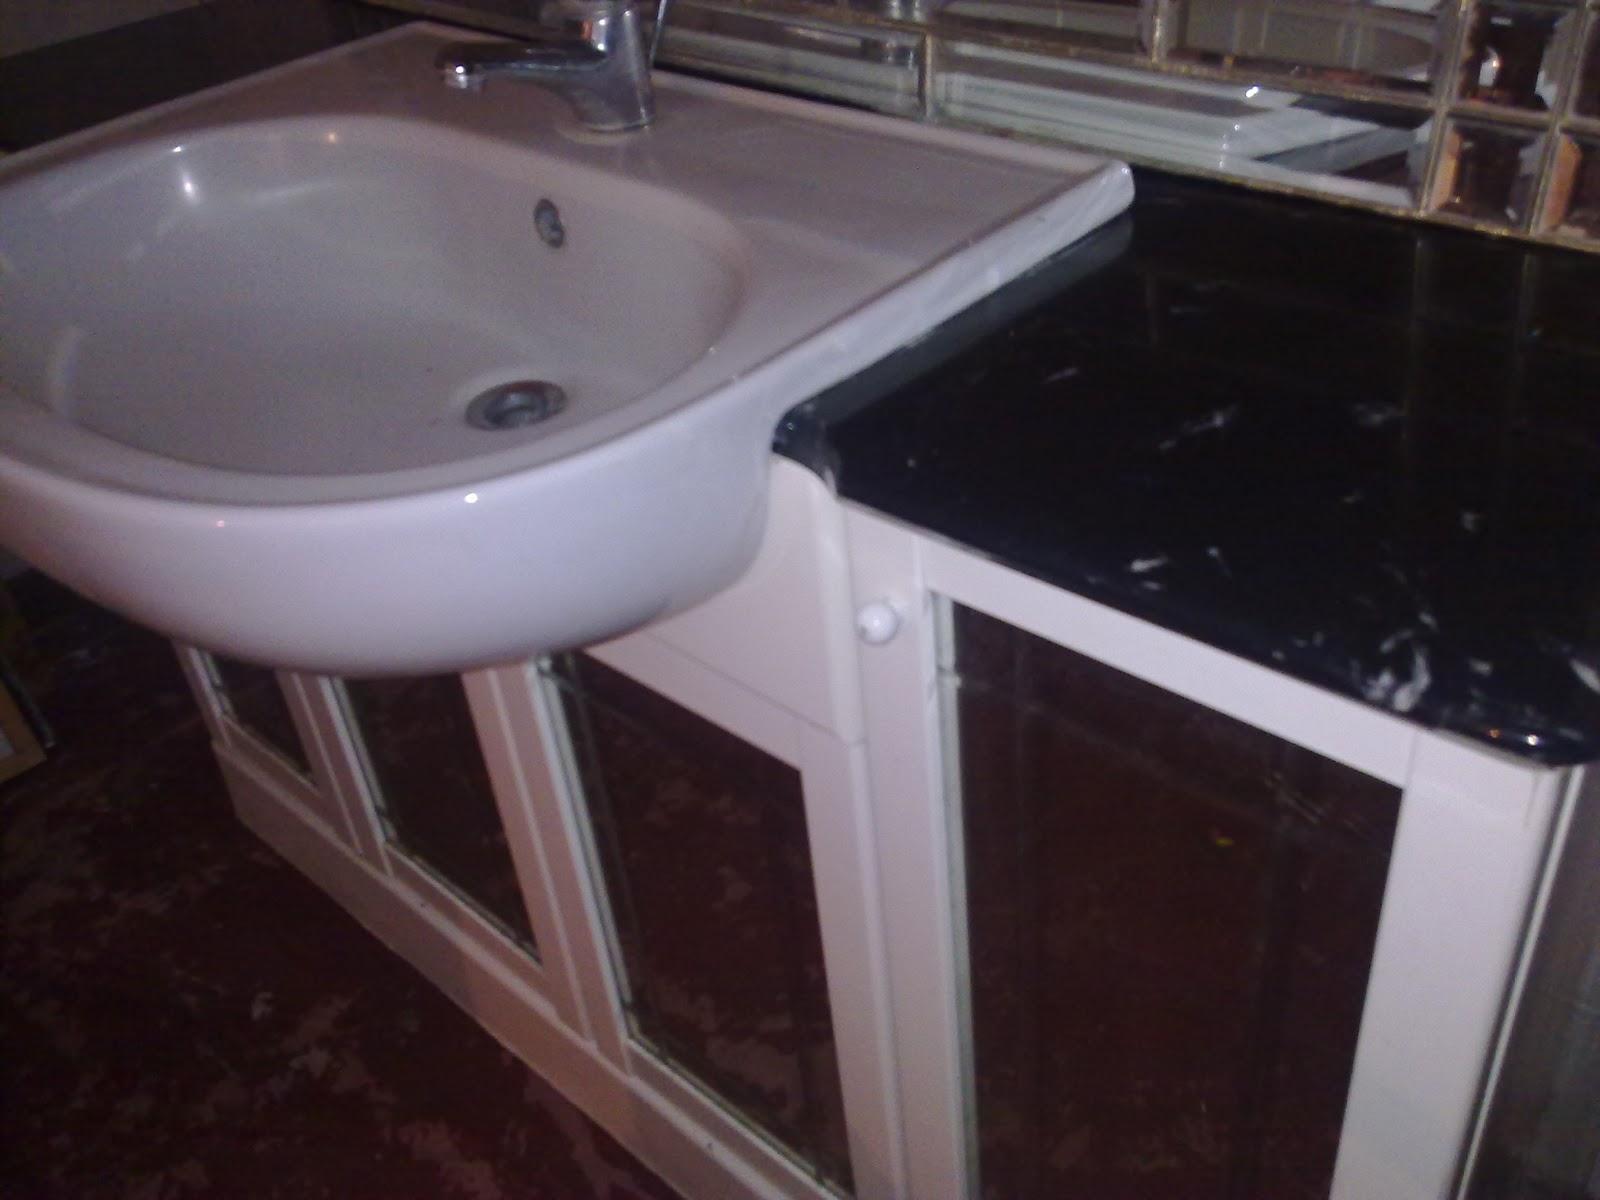 Bagno usato specchi cornici moderna per bagno